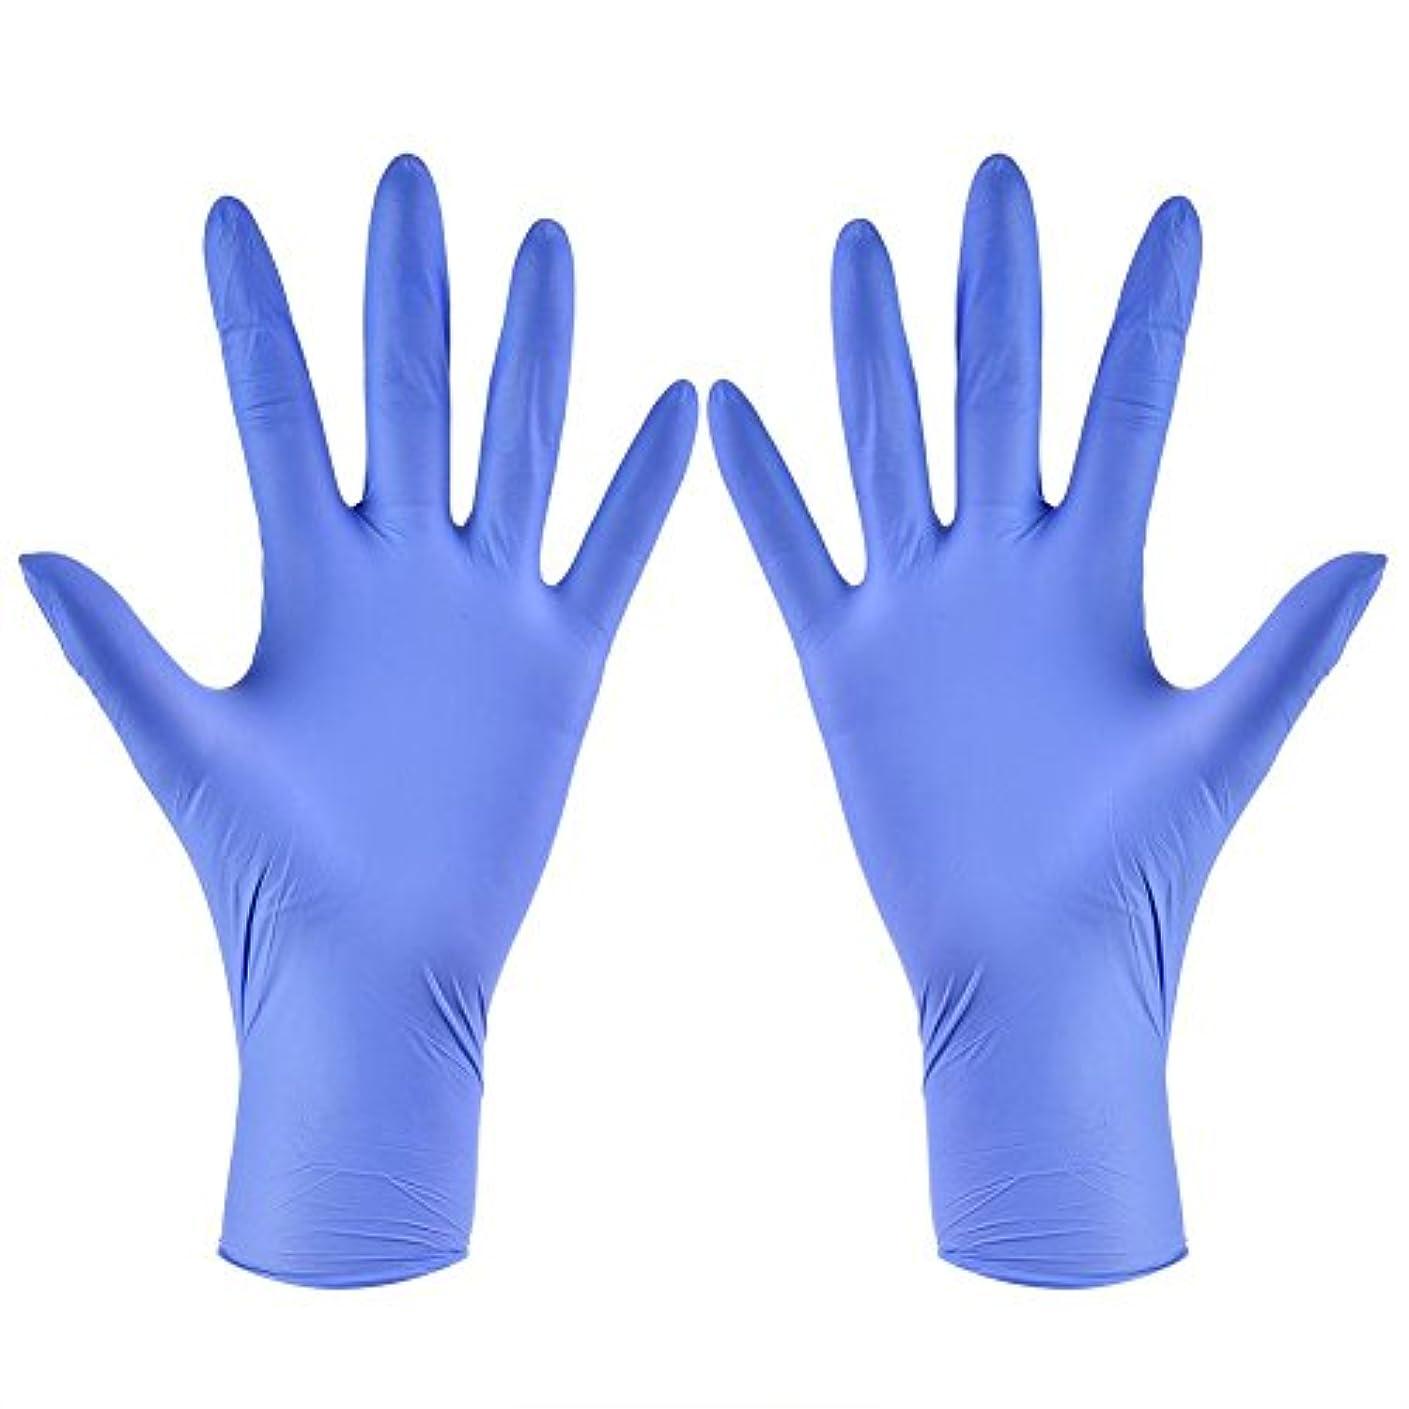 何でも宿題ぬいぐるみ使い捨て手袋 ニトリルグローブ ホワイト 粉なし タトゥー/歯科/病院/研究室に適応 S/M/L/XL選択可 100枚 左右兼用(XL)